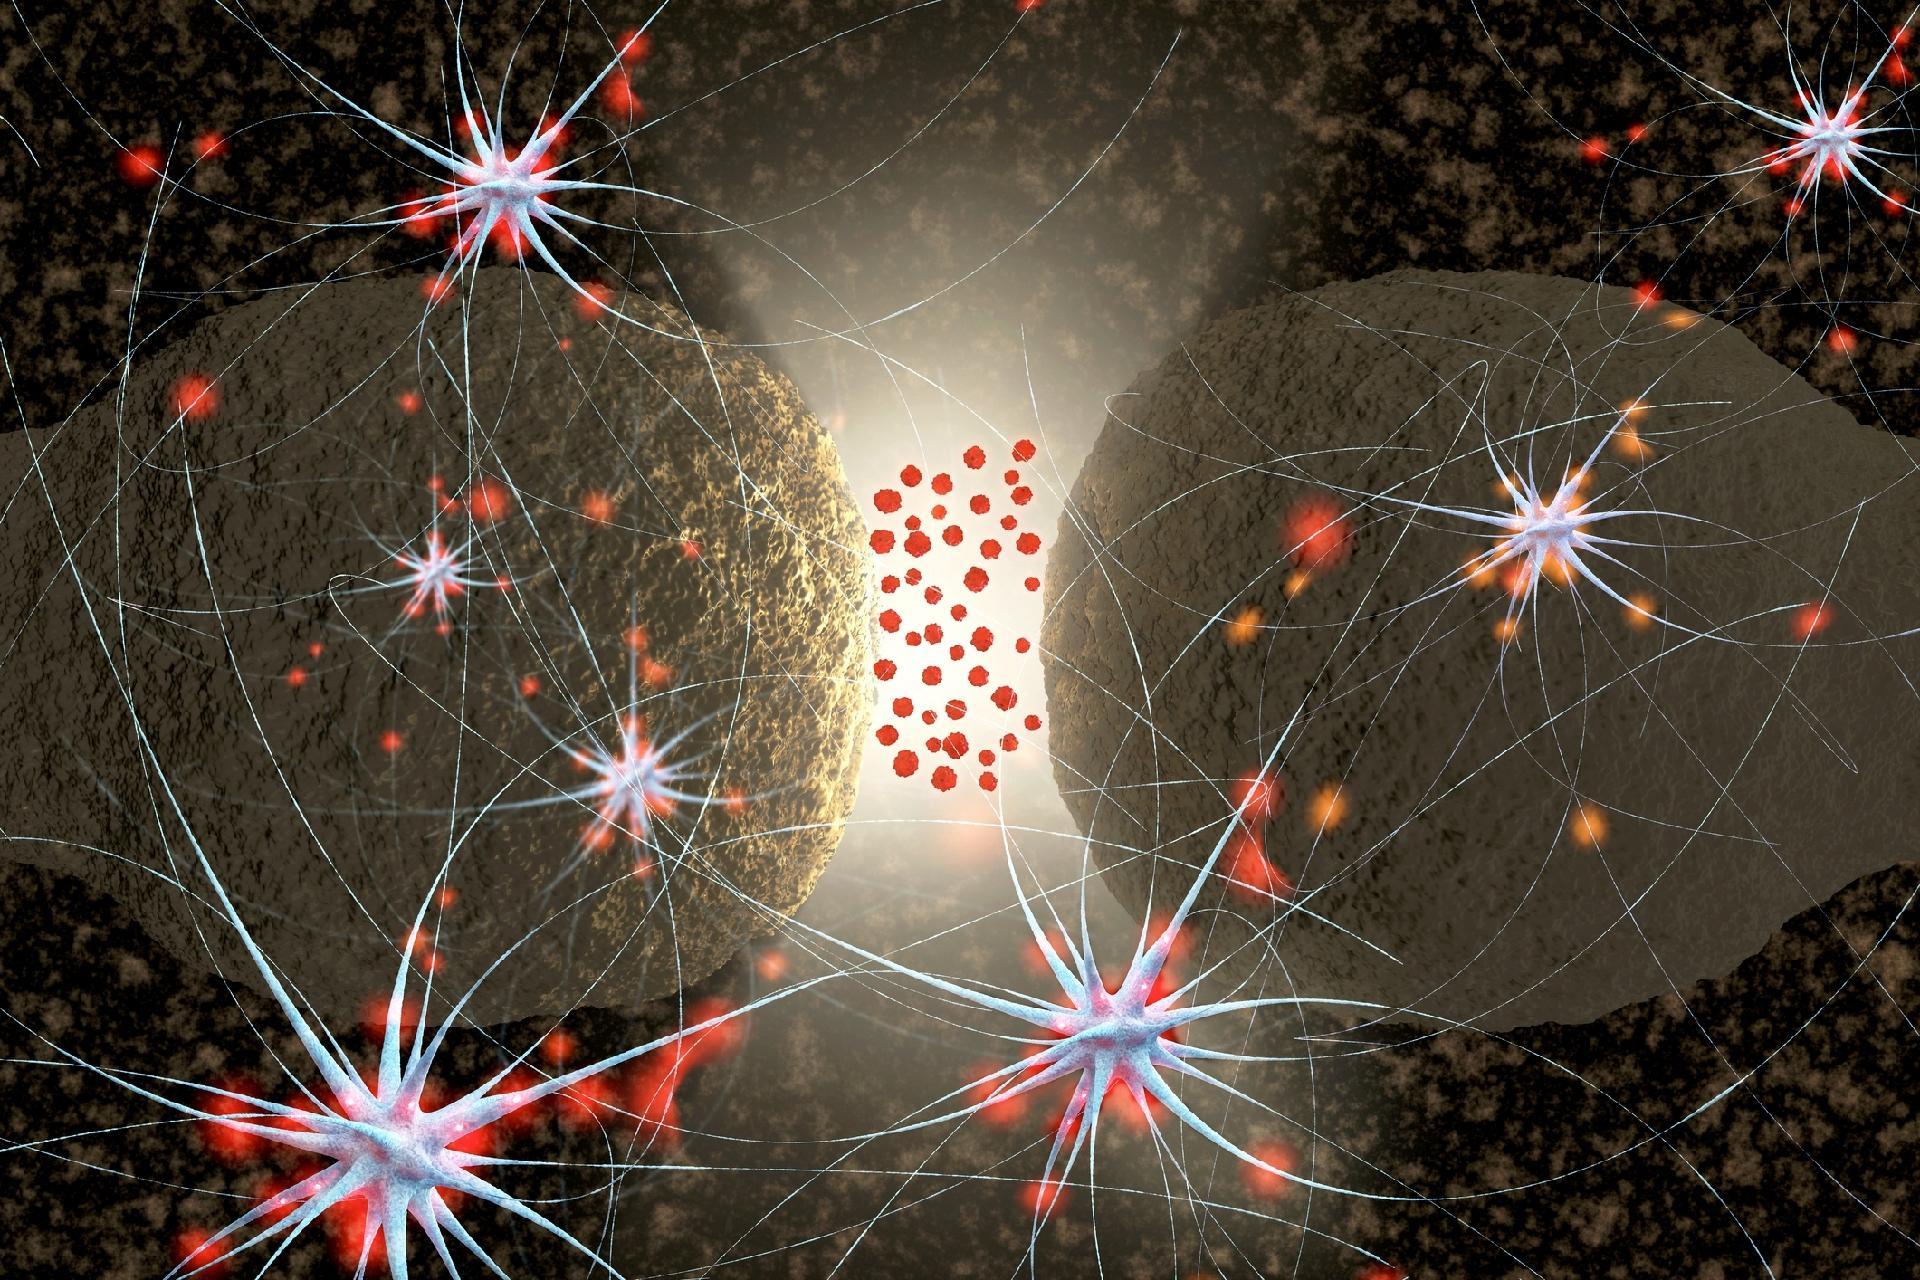 Serotonina inibe inflamação sistêmica severa como a que ocorre na sepse -  21/10/2019 - UOL VivaBem